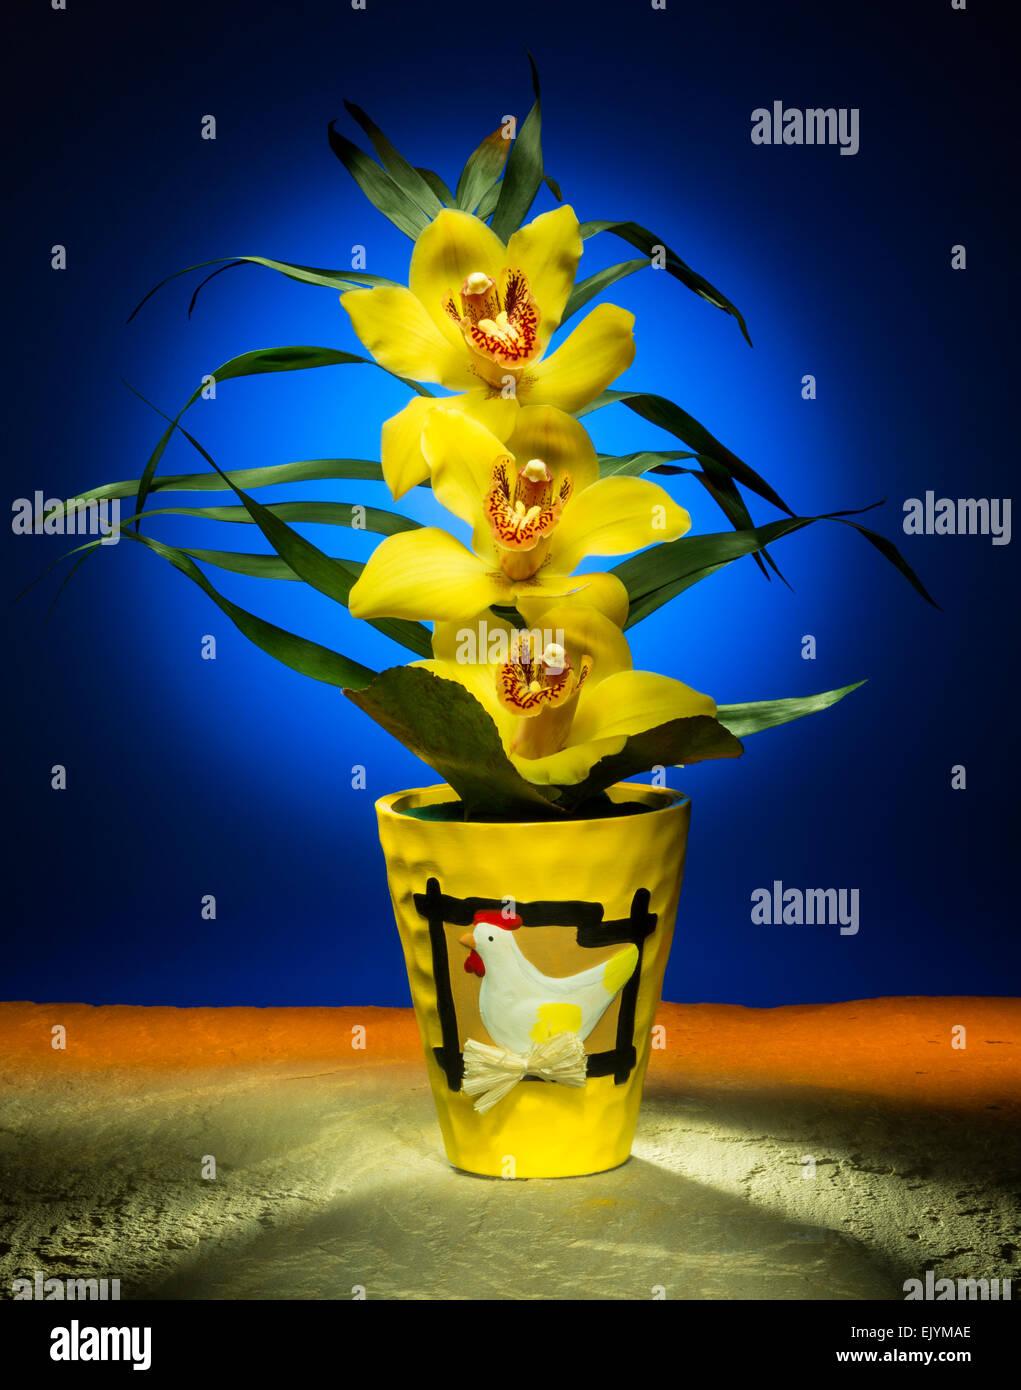 Une orchidée Pâques - Studio - still life droit photographié en utilisant les techniques de la peinture de lumière. Banque D'Images